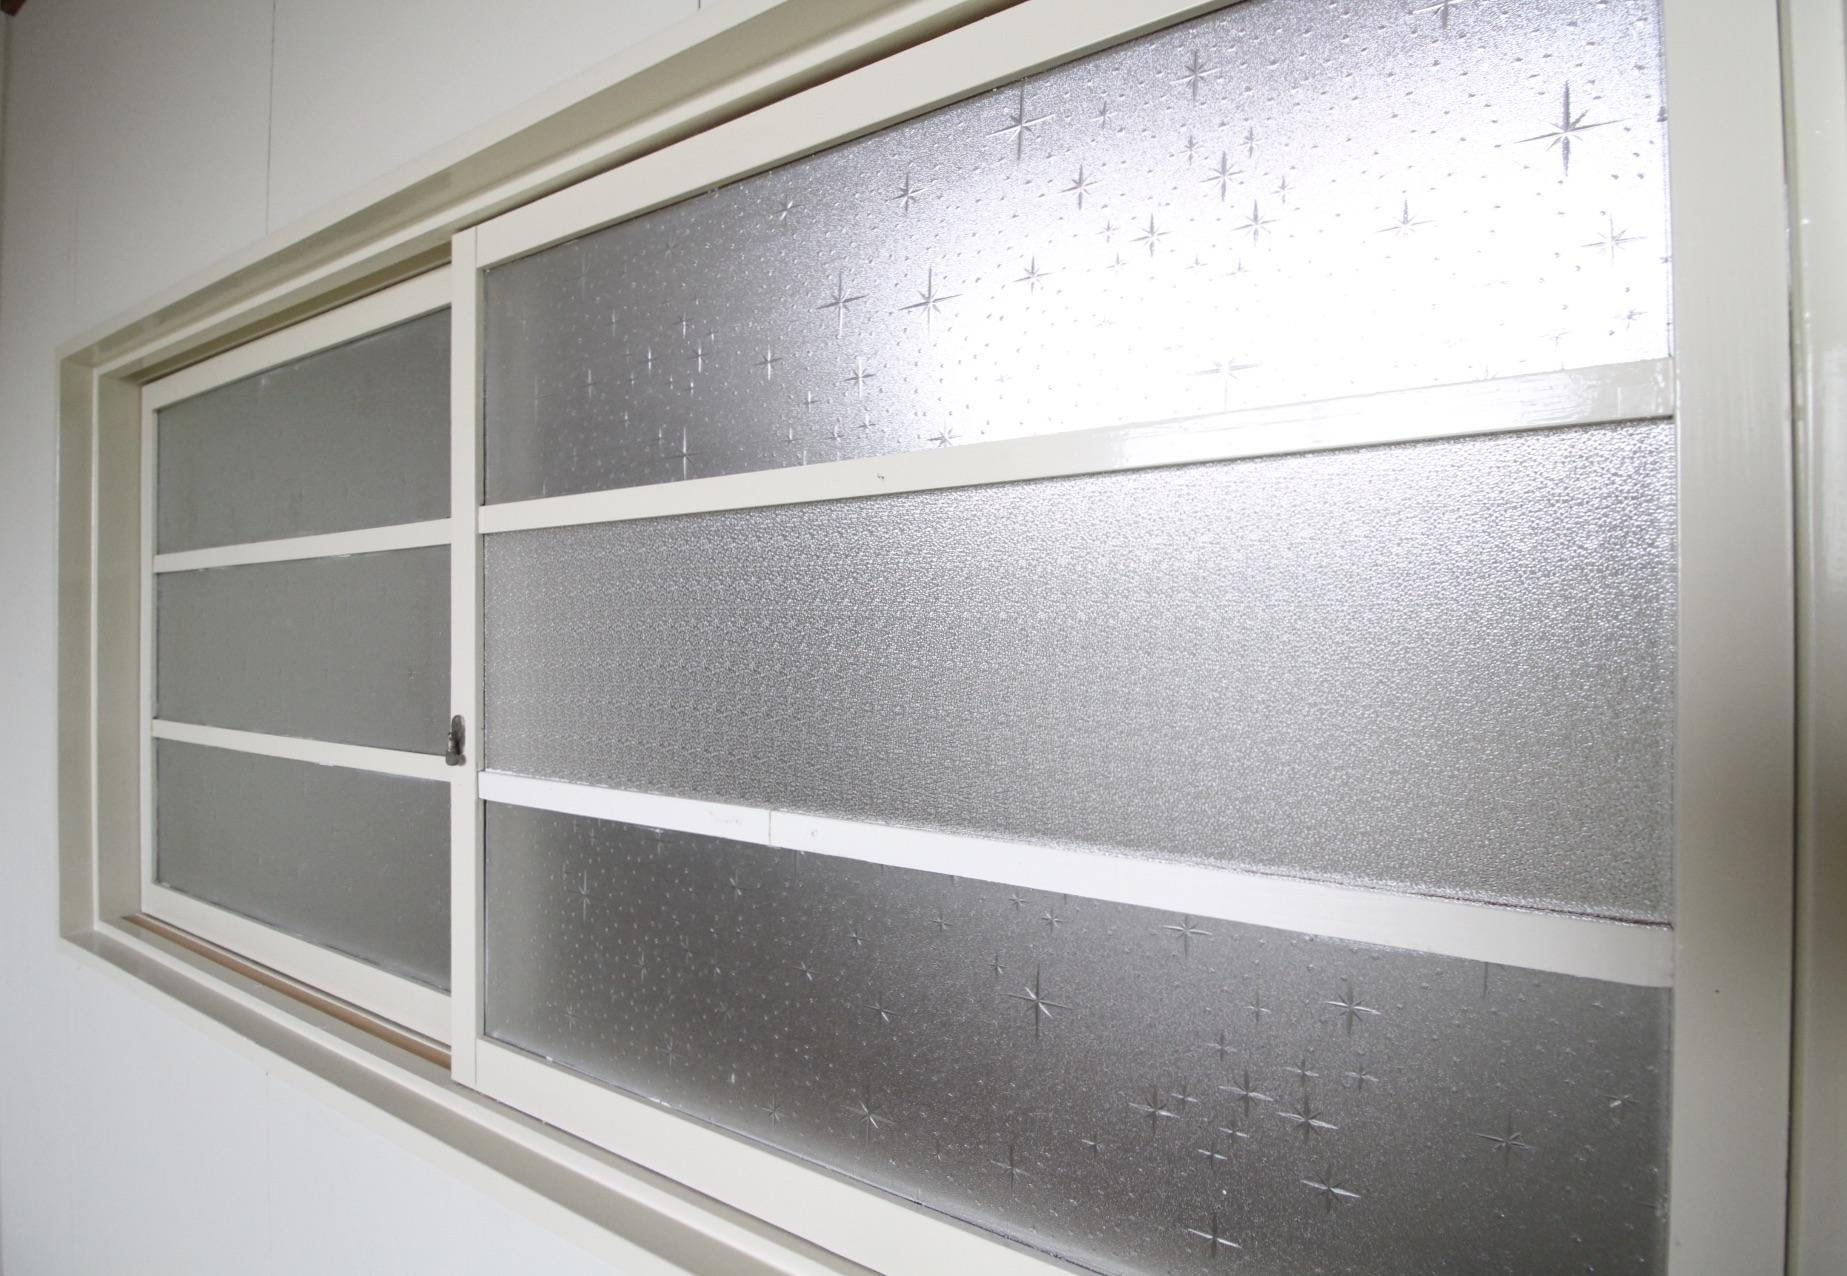 4階洋室の木製窓。すりガラスが懐かしい。